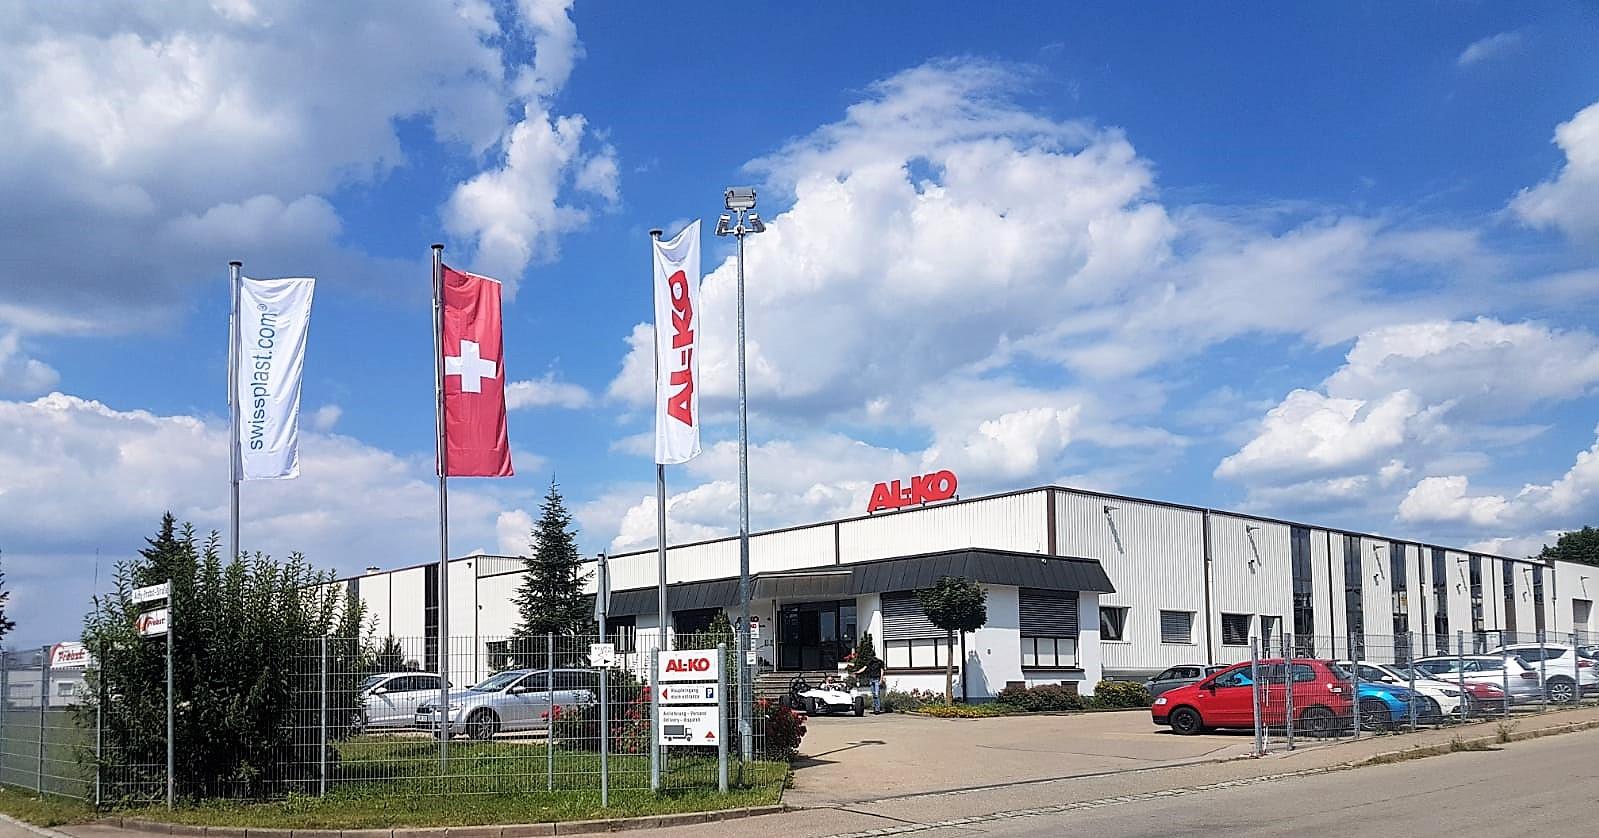 Das AL-KO Gebäude an einem schönen Tag mit swissplast Flagge, Schweizer Flagge und AL-KO Flagge